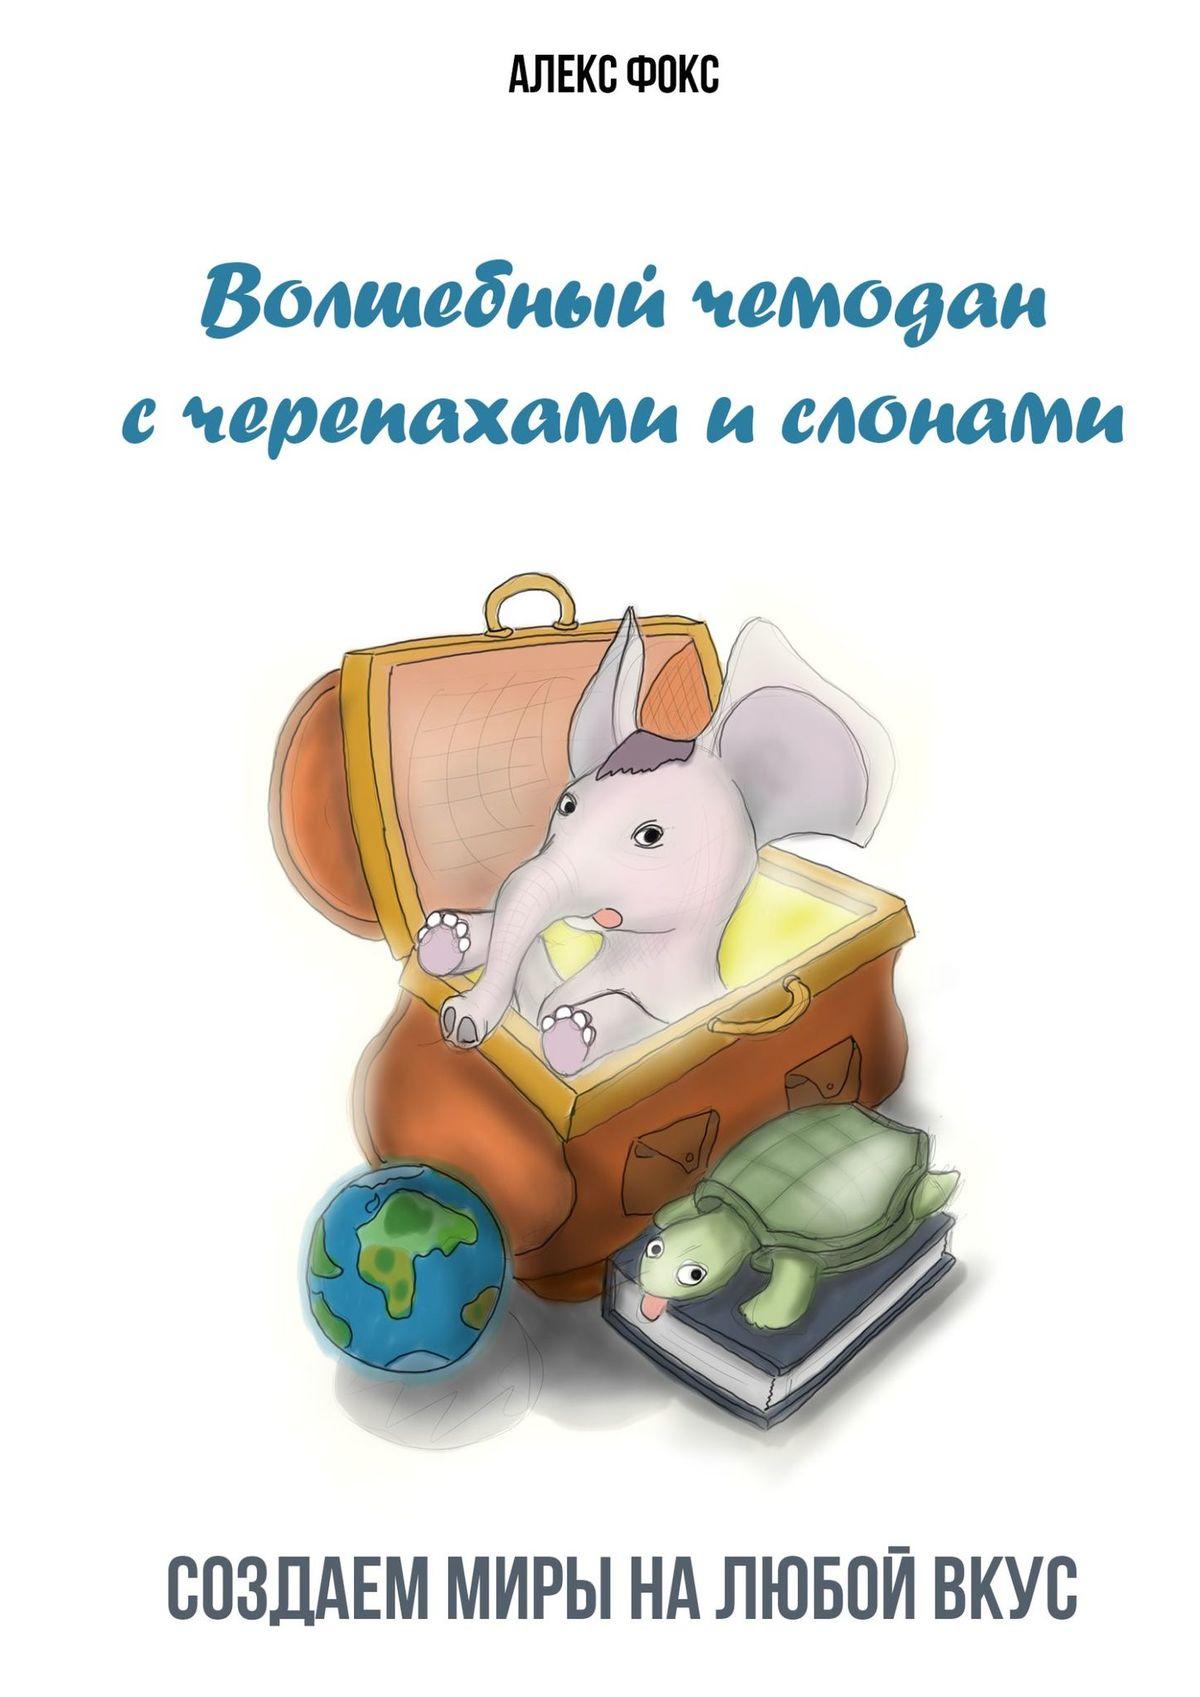 Волшебный чемодан счерепахами ислонами. Создаём миры налюбойвкус